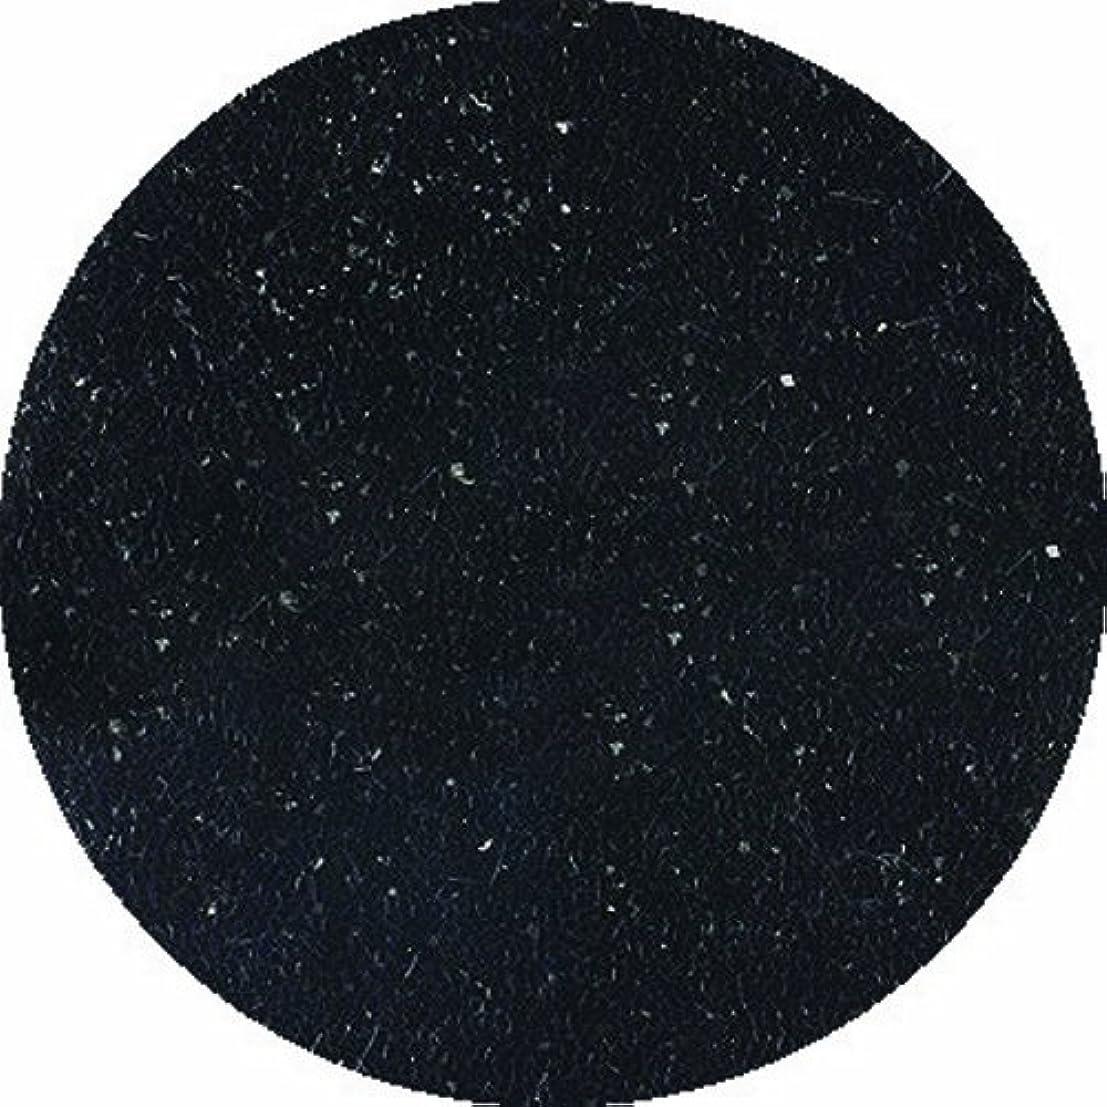 深いホスト参照するビューティーネイラー ネイル用パウダー 黒崎えり子 ジュエリーコレクション ブラック0.05mm